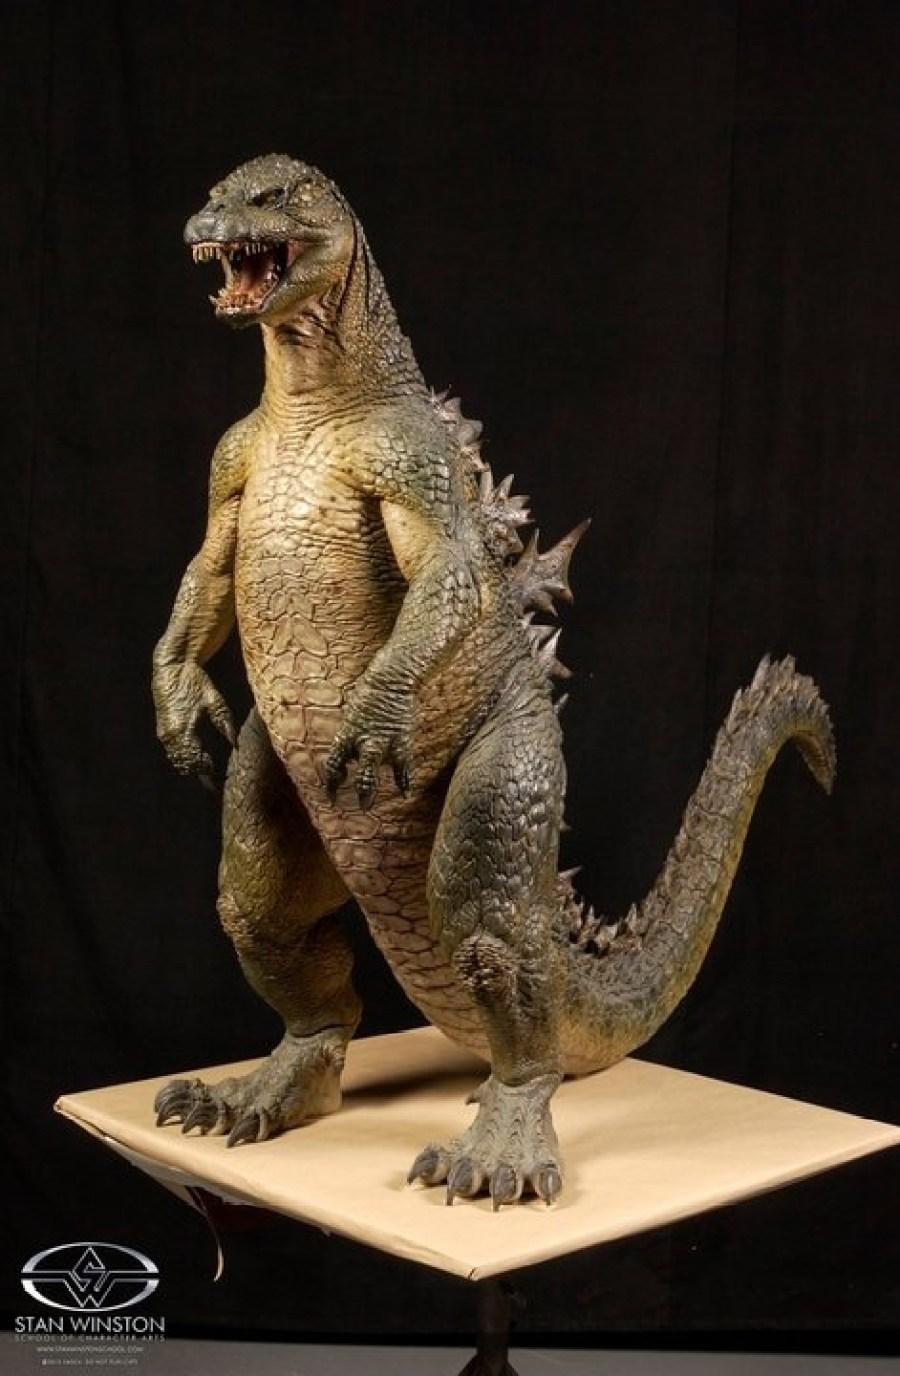 Godzilla maquette stan winston